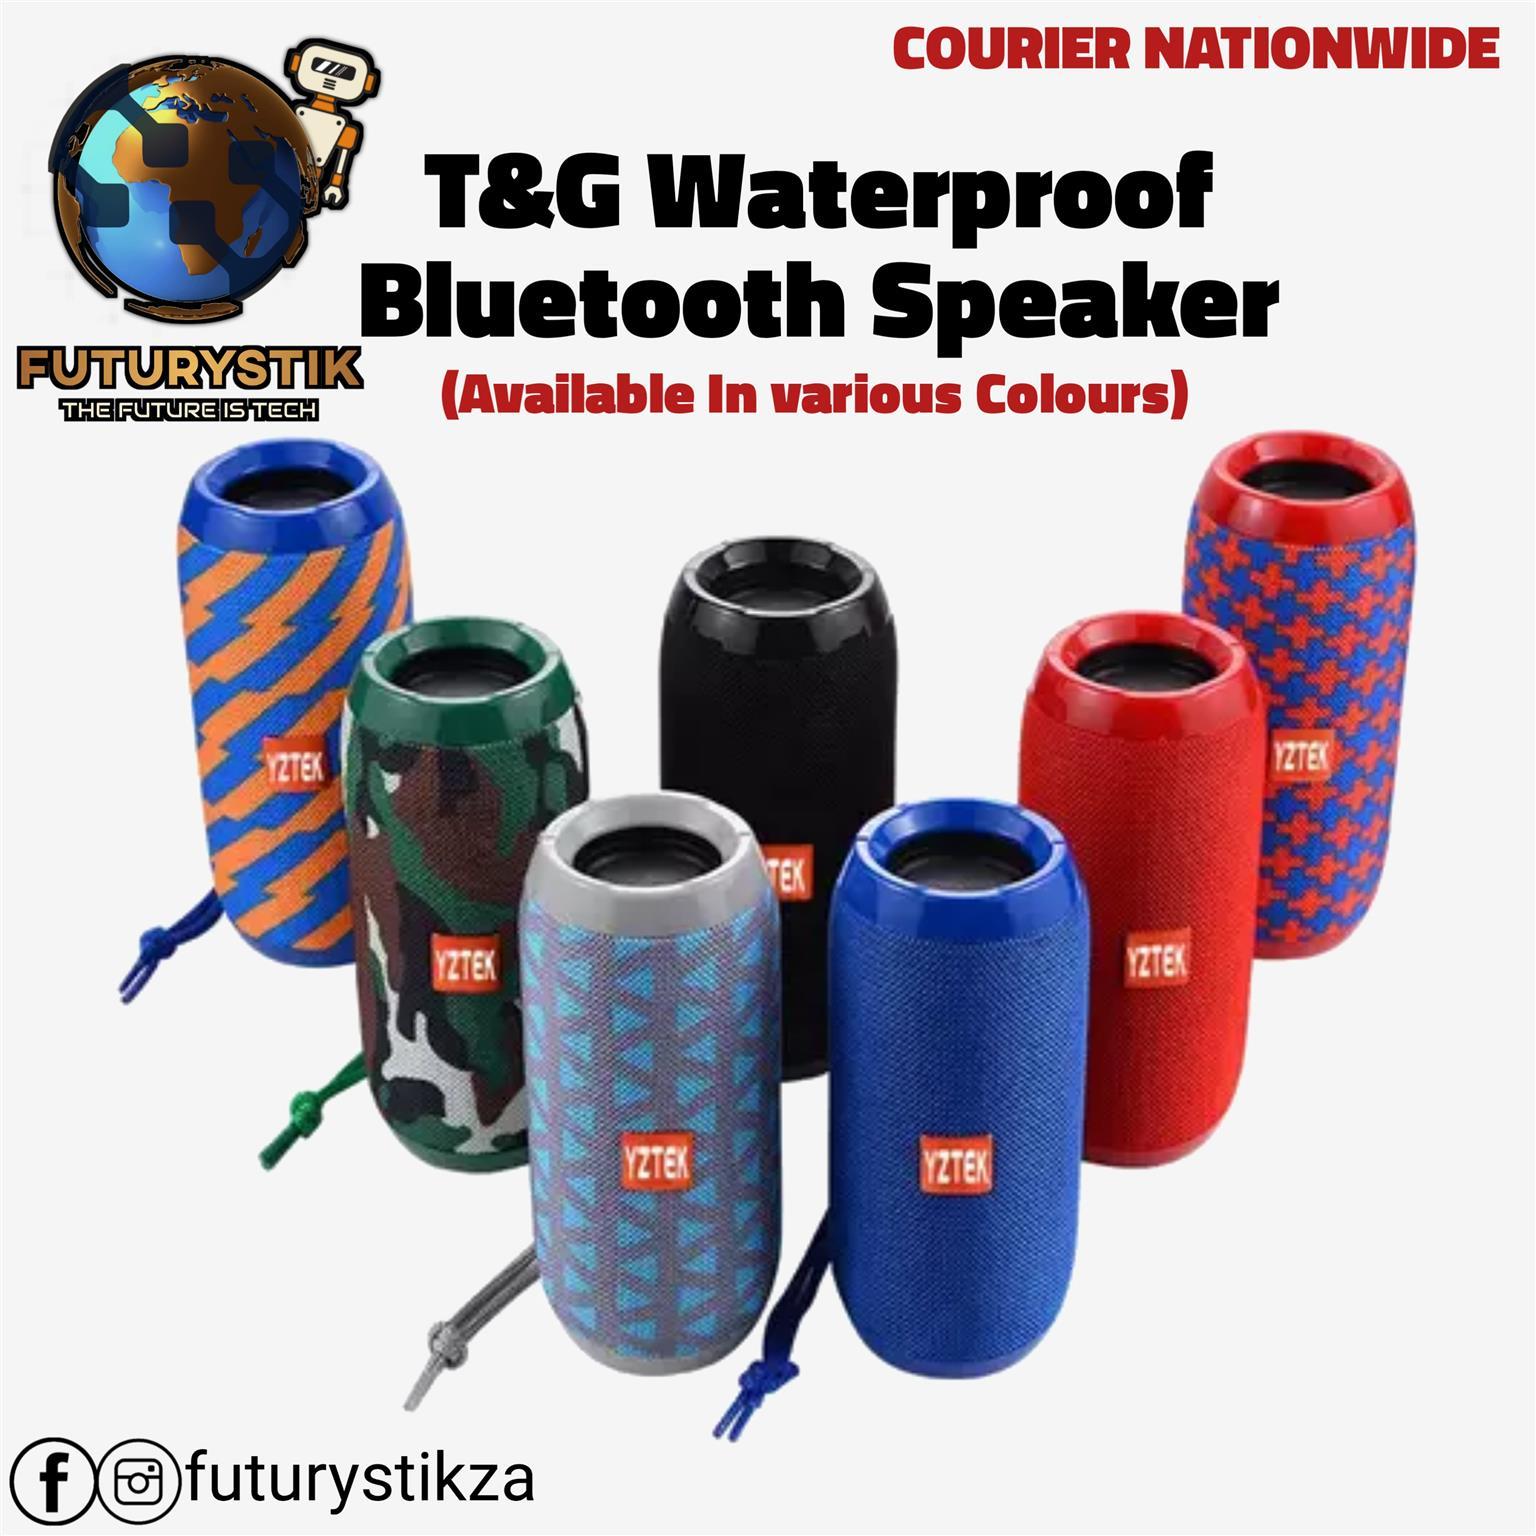 T&G Waterproof Bluetooth Speakers